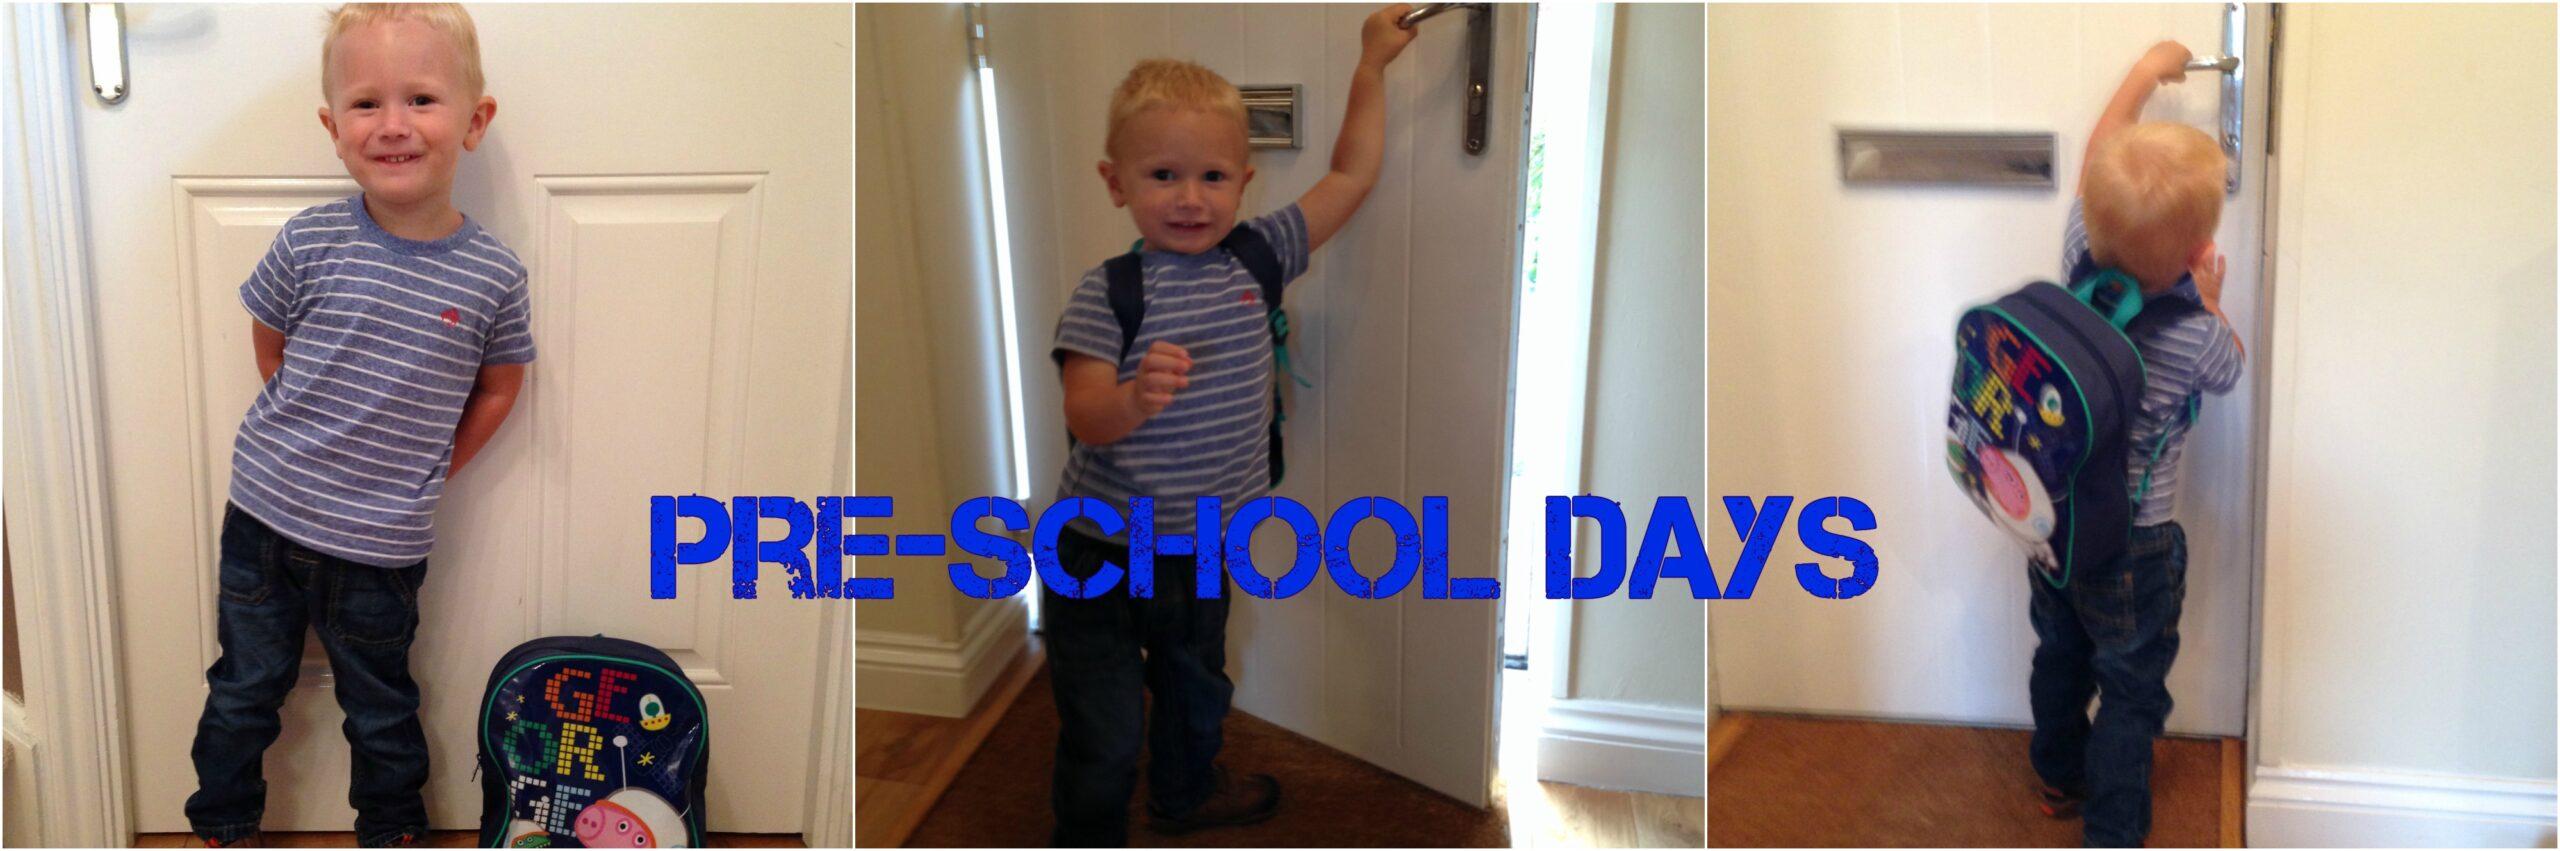 pre school days across 3 pictures of boy by door